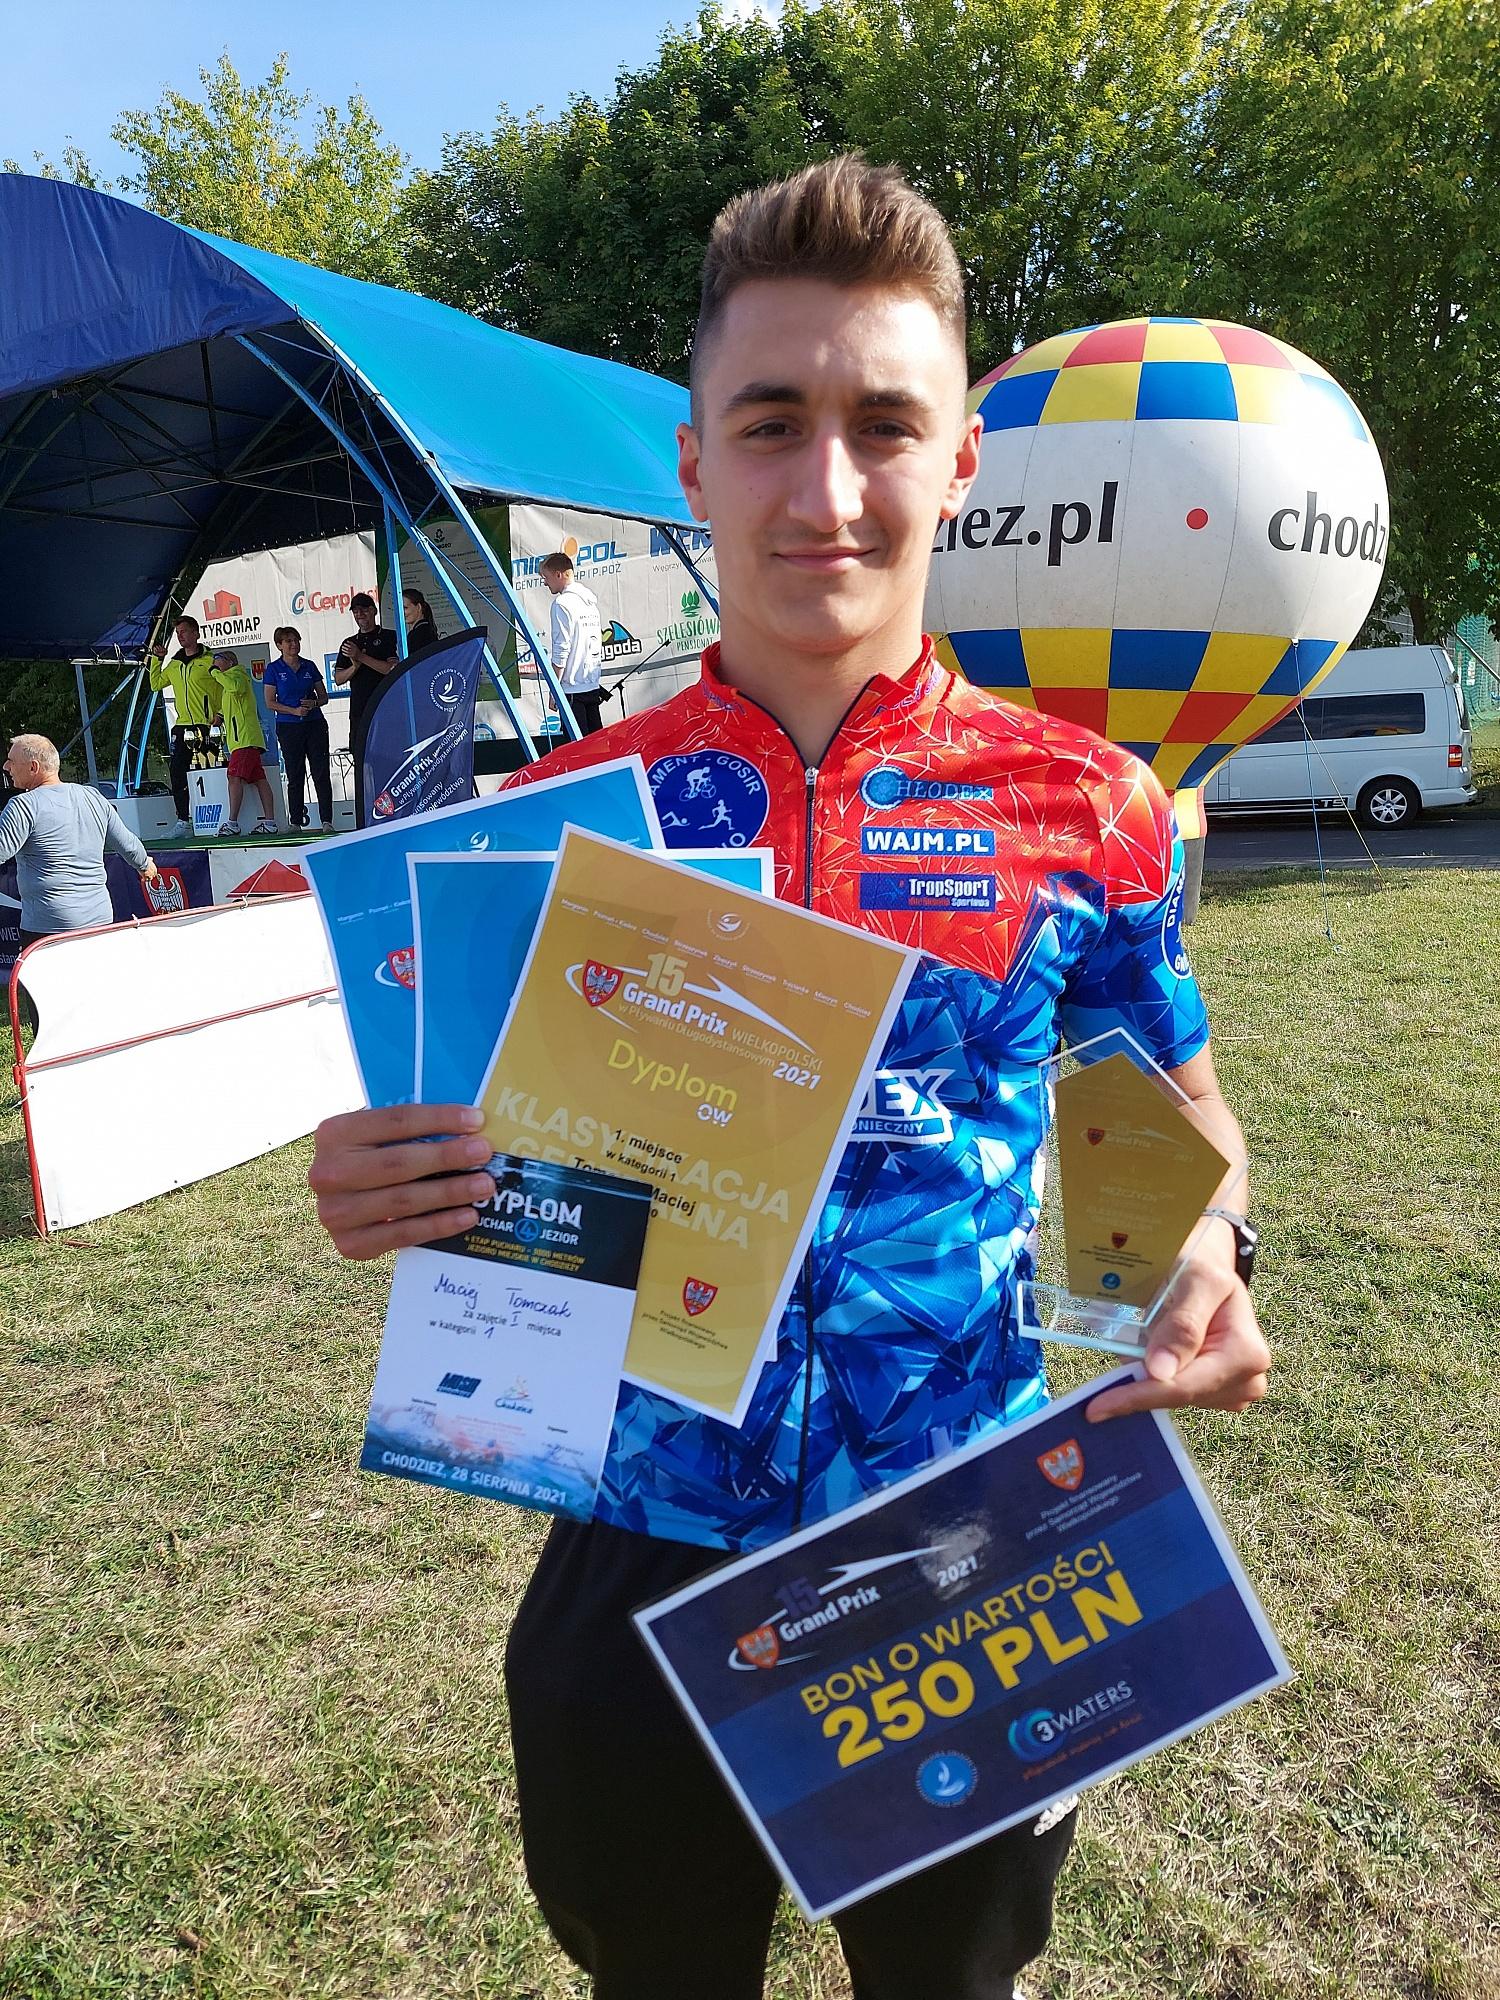 GTT Diament Budex Gniezno z medalami w Finale Grand Prix Wielkopolski w Pływaniu Długodystansowym 2021